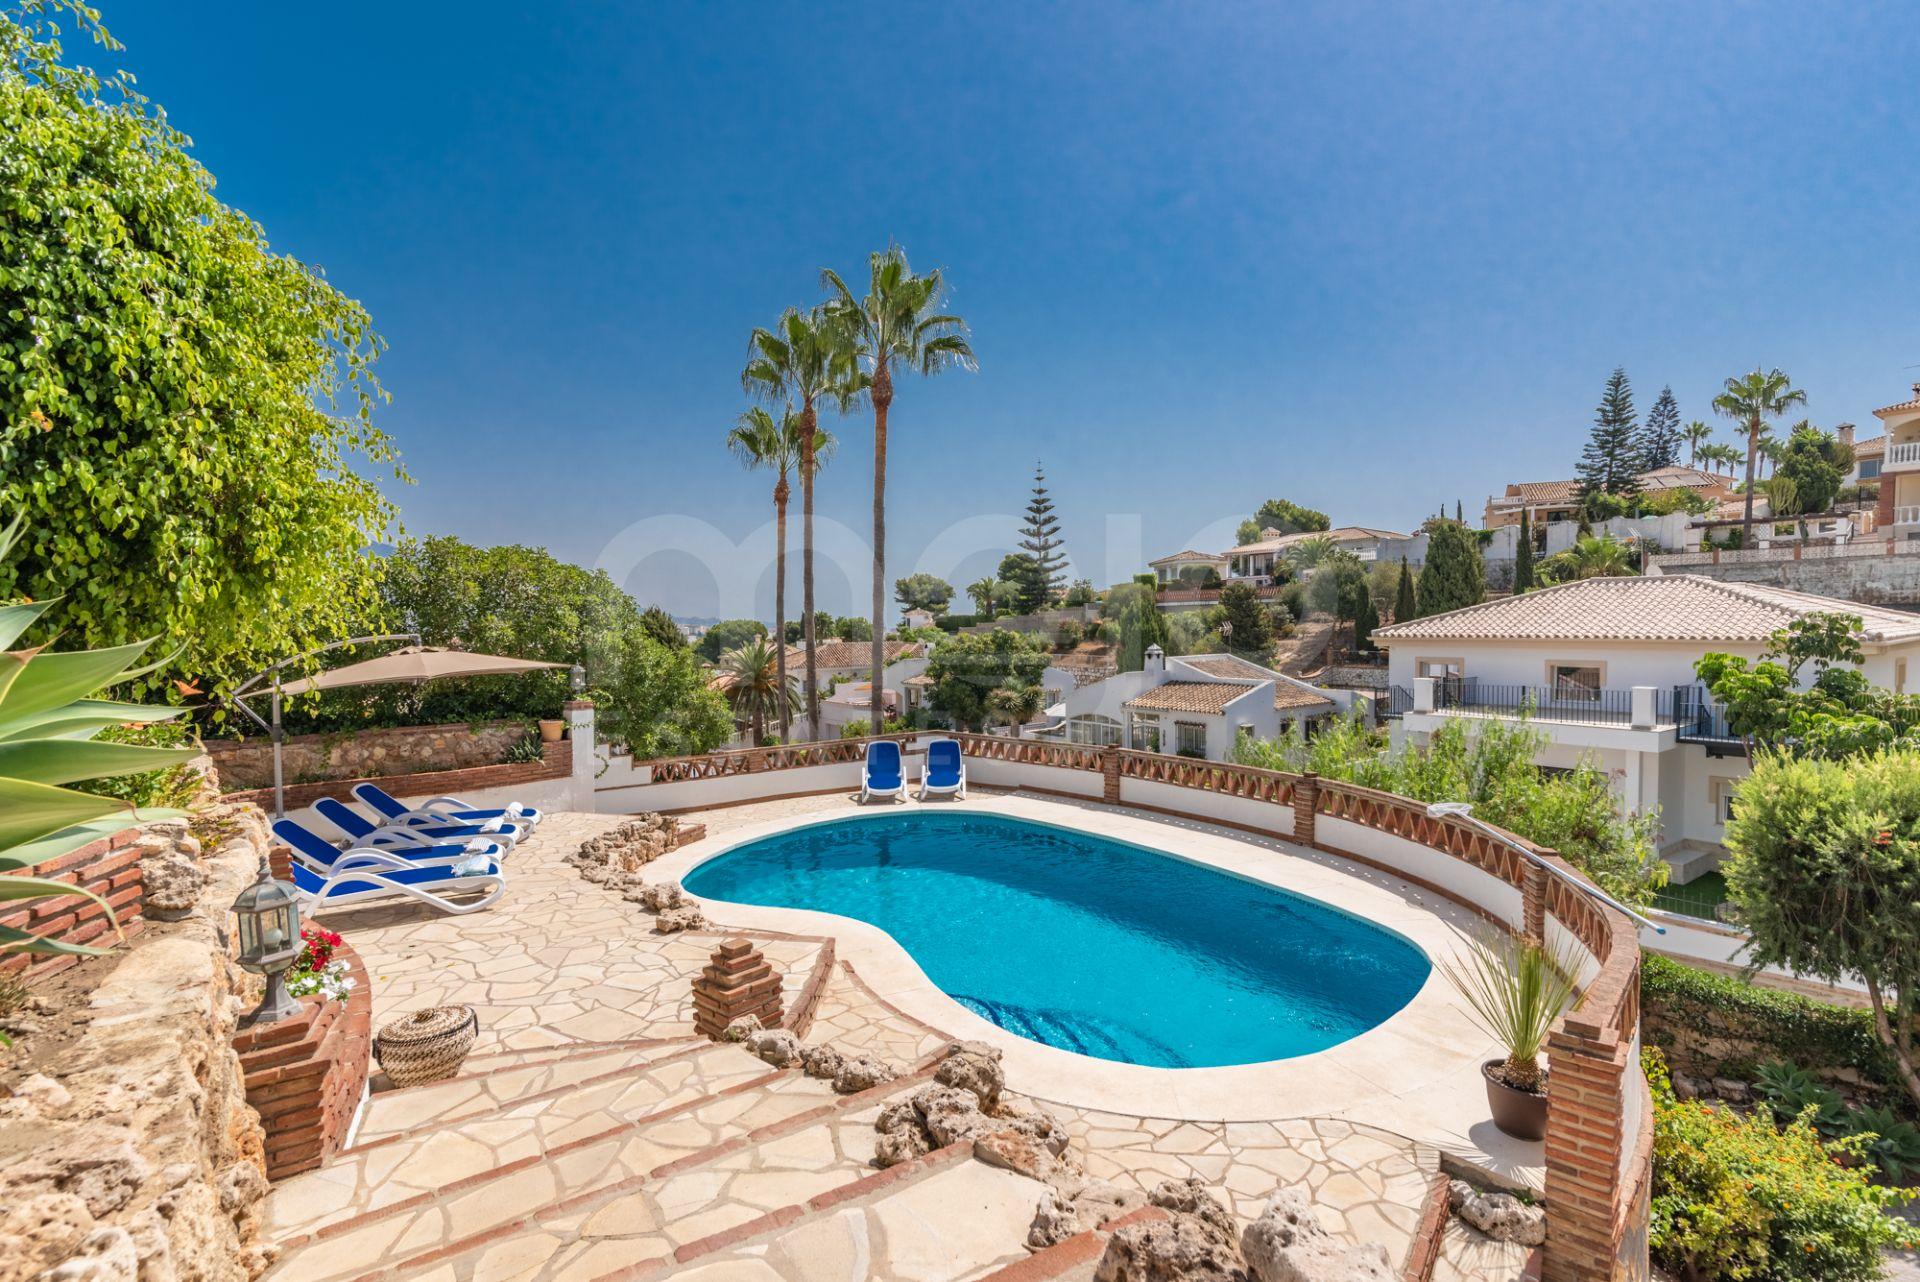 Fantastisk fristående villa i andalusisk stil i det välkända området Cerros del Aguila!